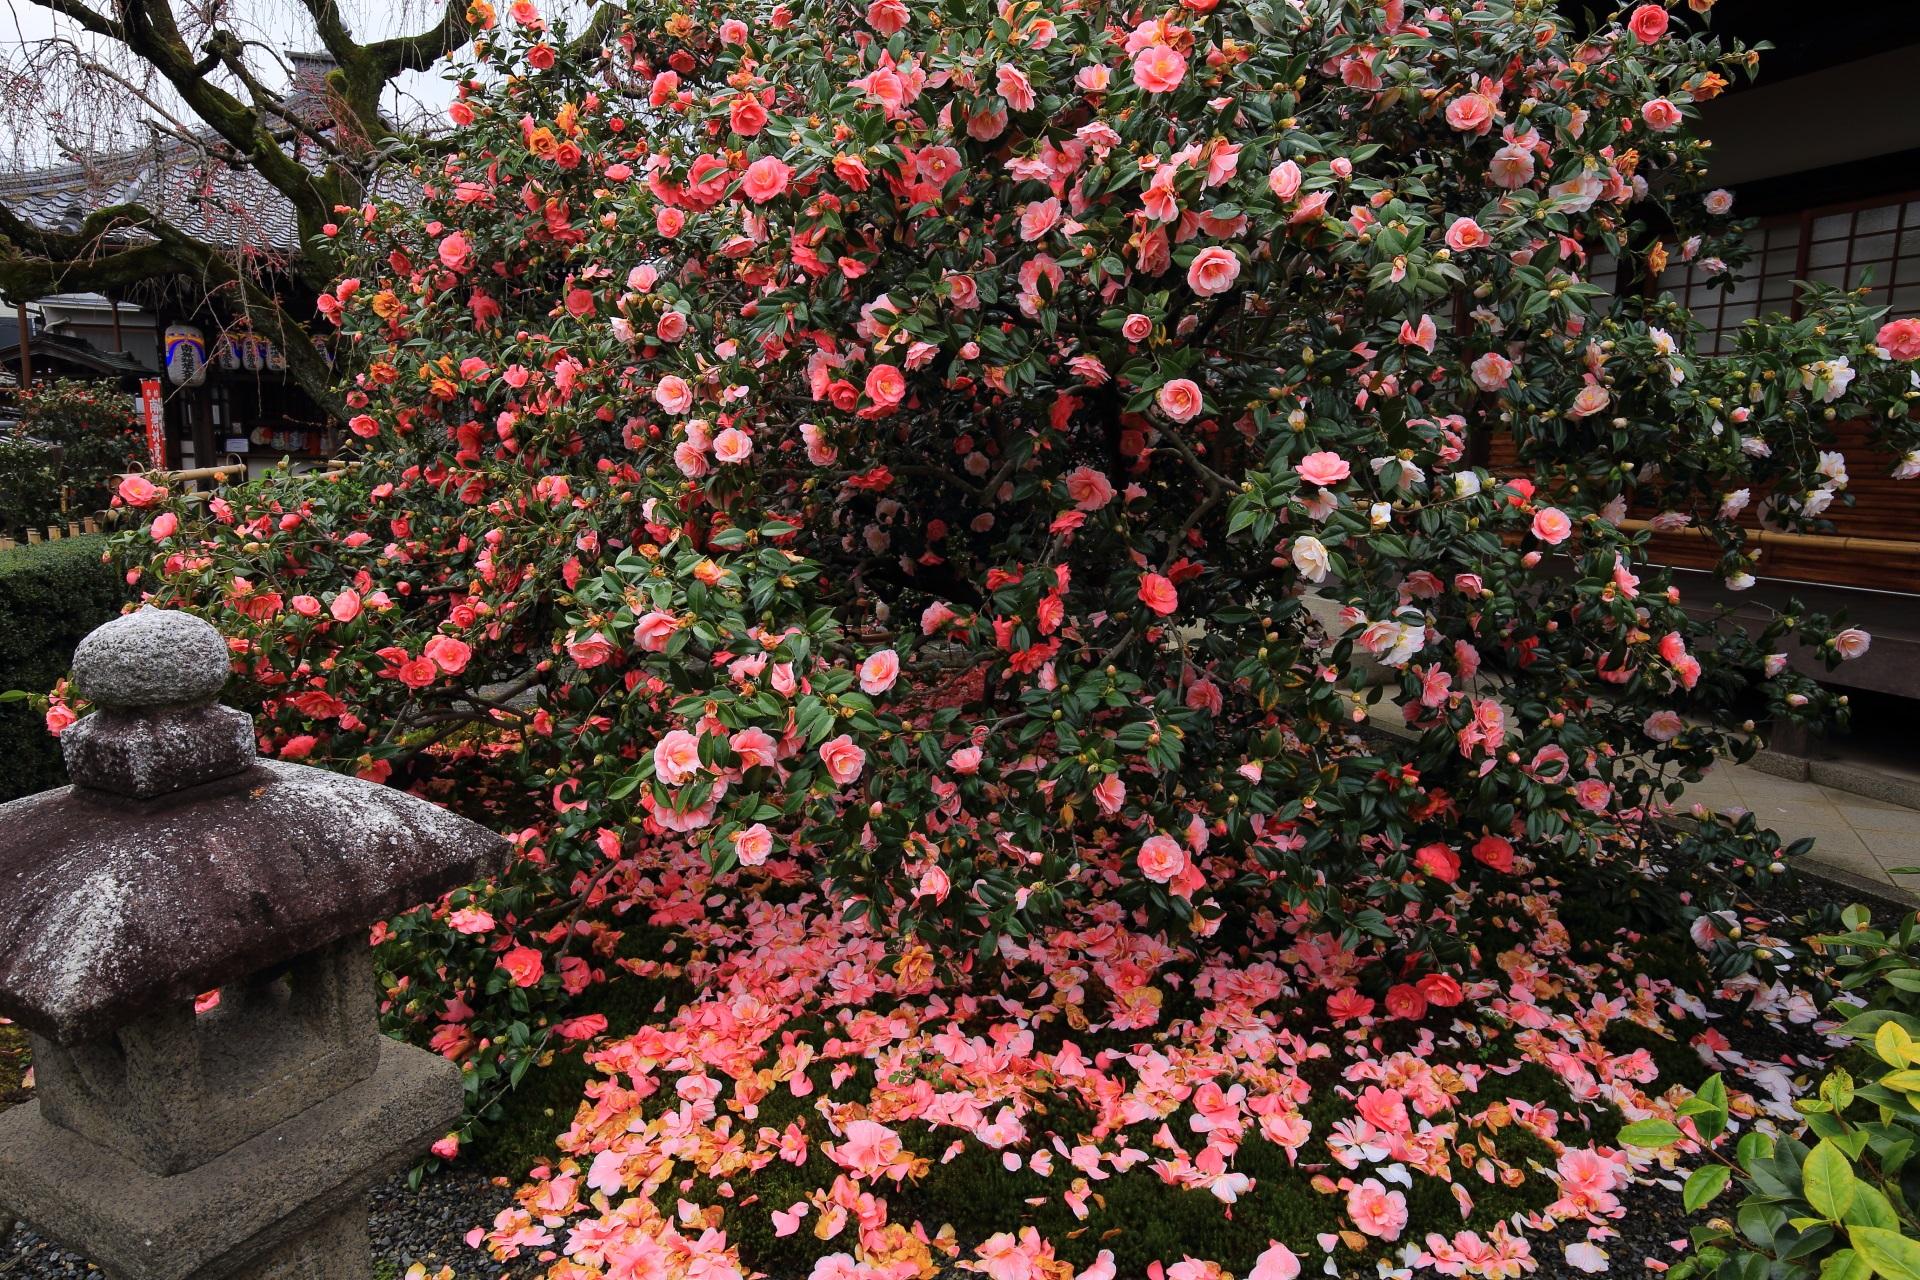 椿寺と称される地蔵院の素晴らしい椿と春の情景